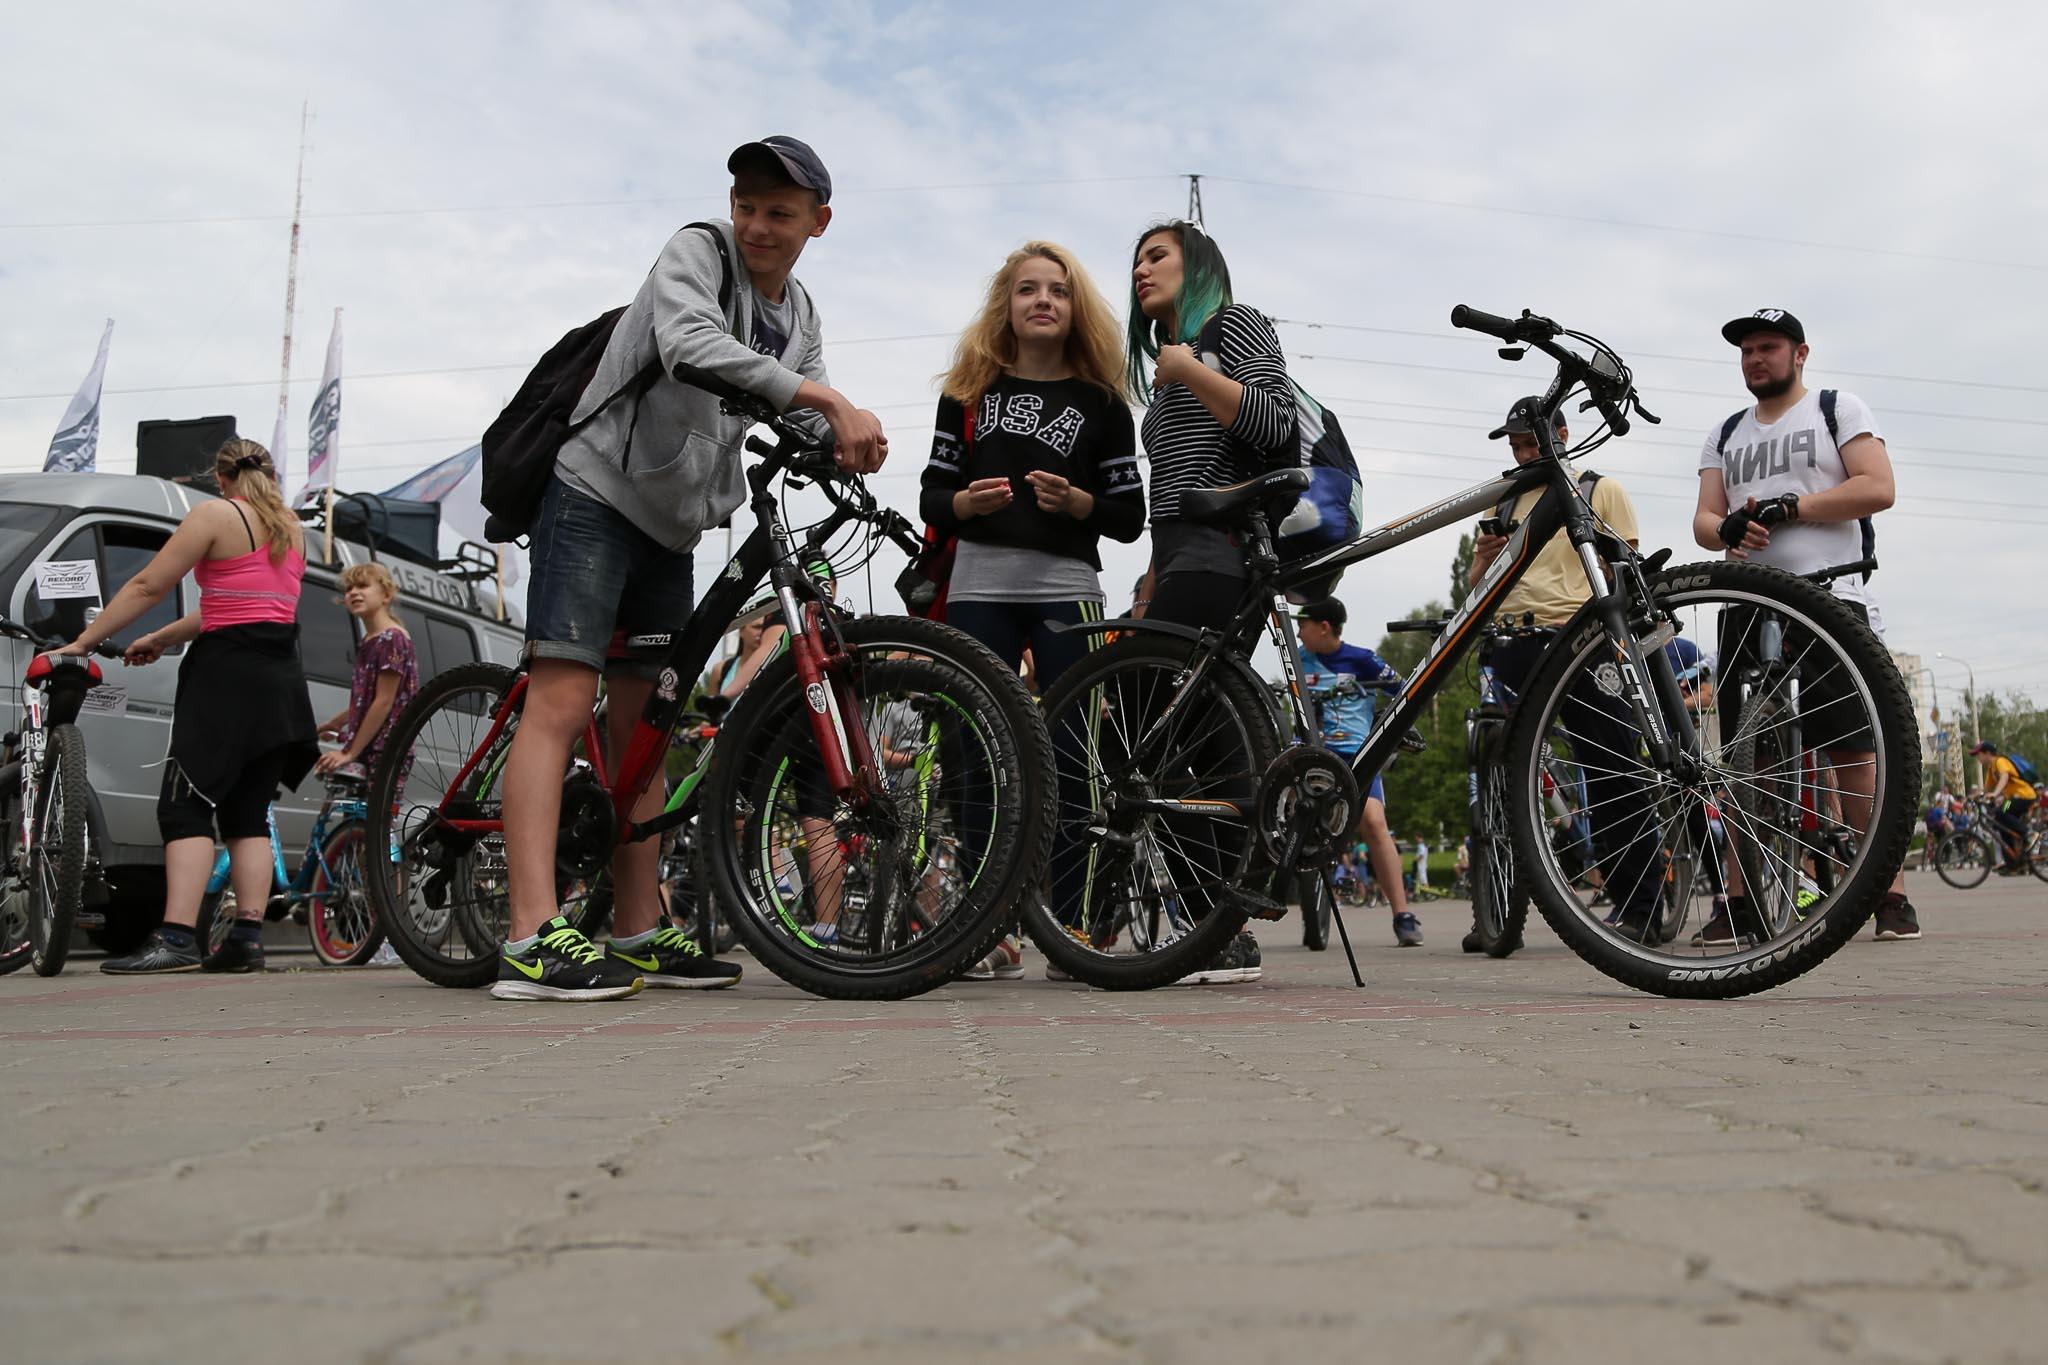 Наземные переходы, велодорожки и парк без аттракционов. Как директор проектов КБ Стрелка предлагает изменить Белгород?